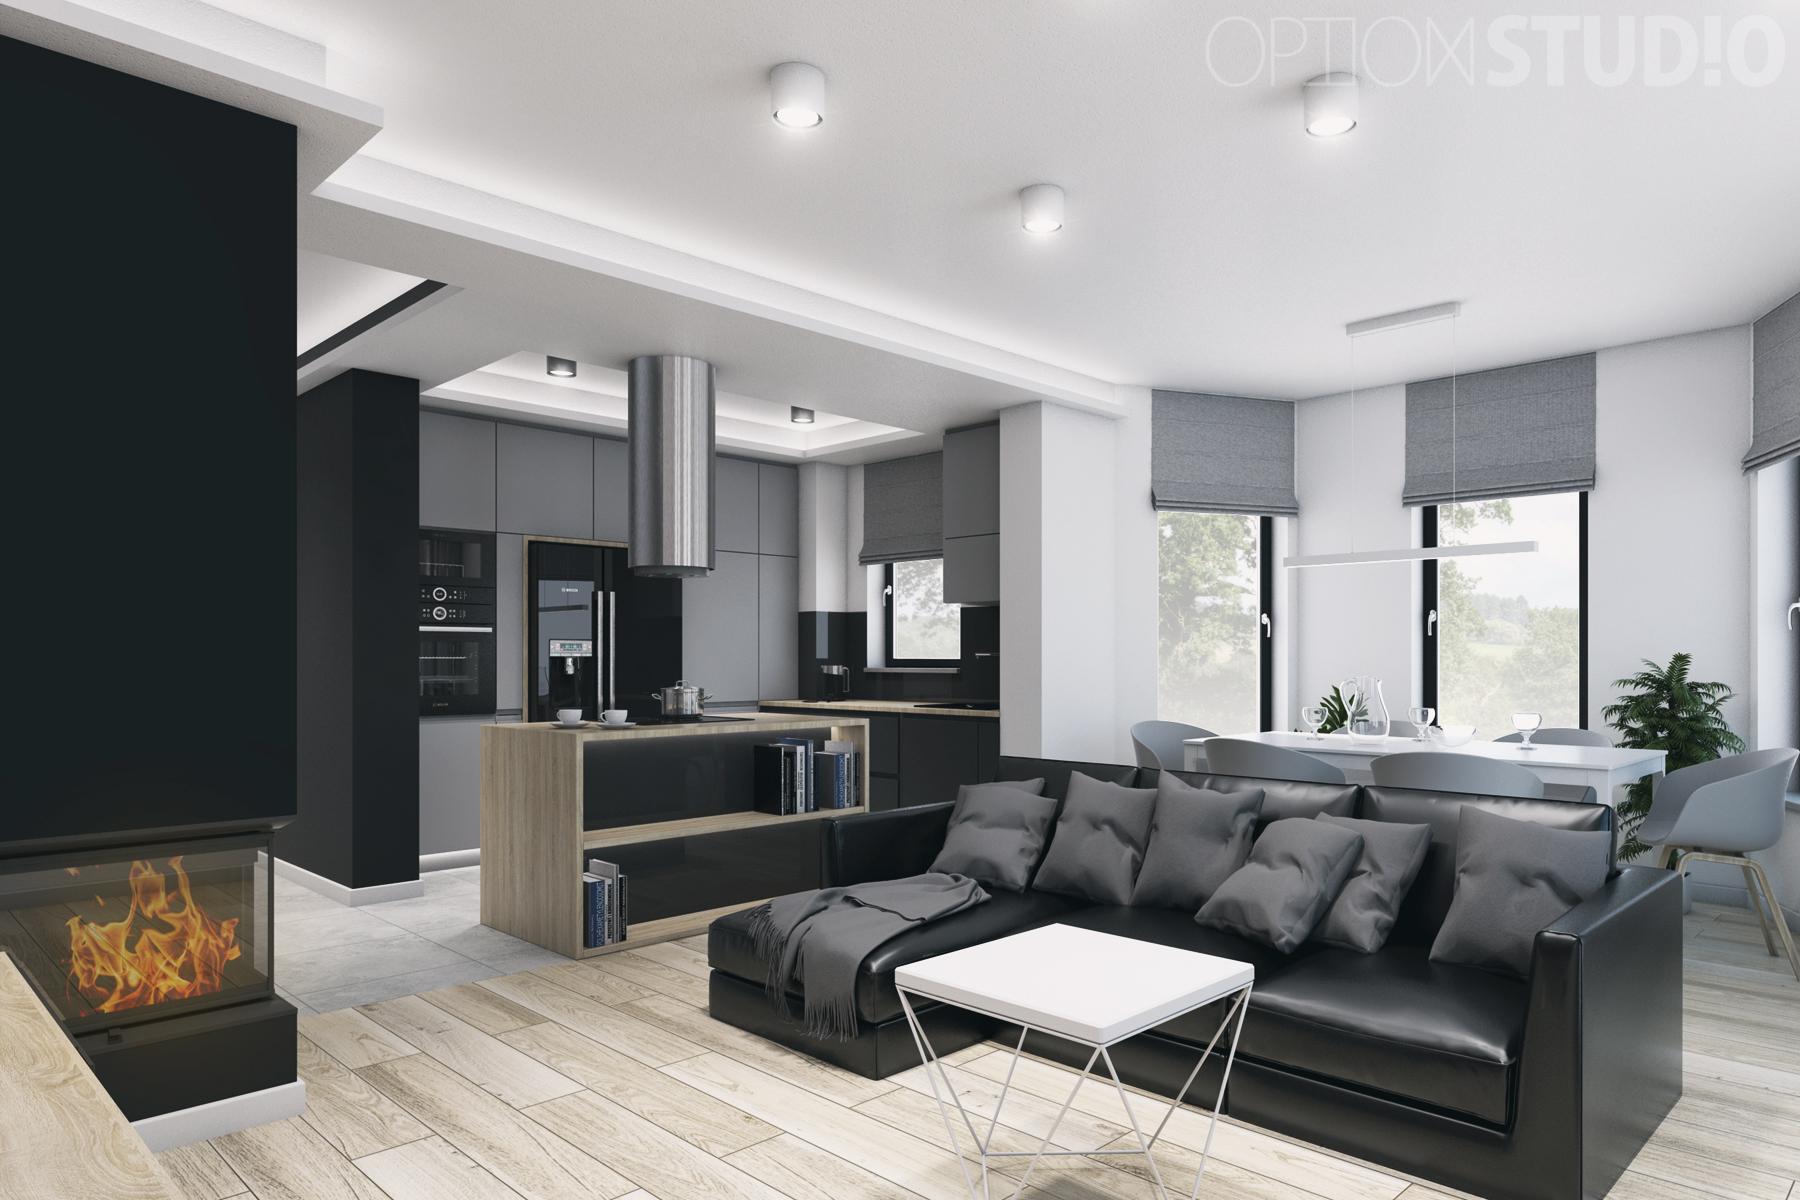 Architekt wnętrz – projekty wnętrz nowoczesnych – Łódź – salon z kominkiem i otwarta kuchnia z wyspą 2